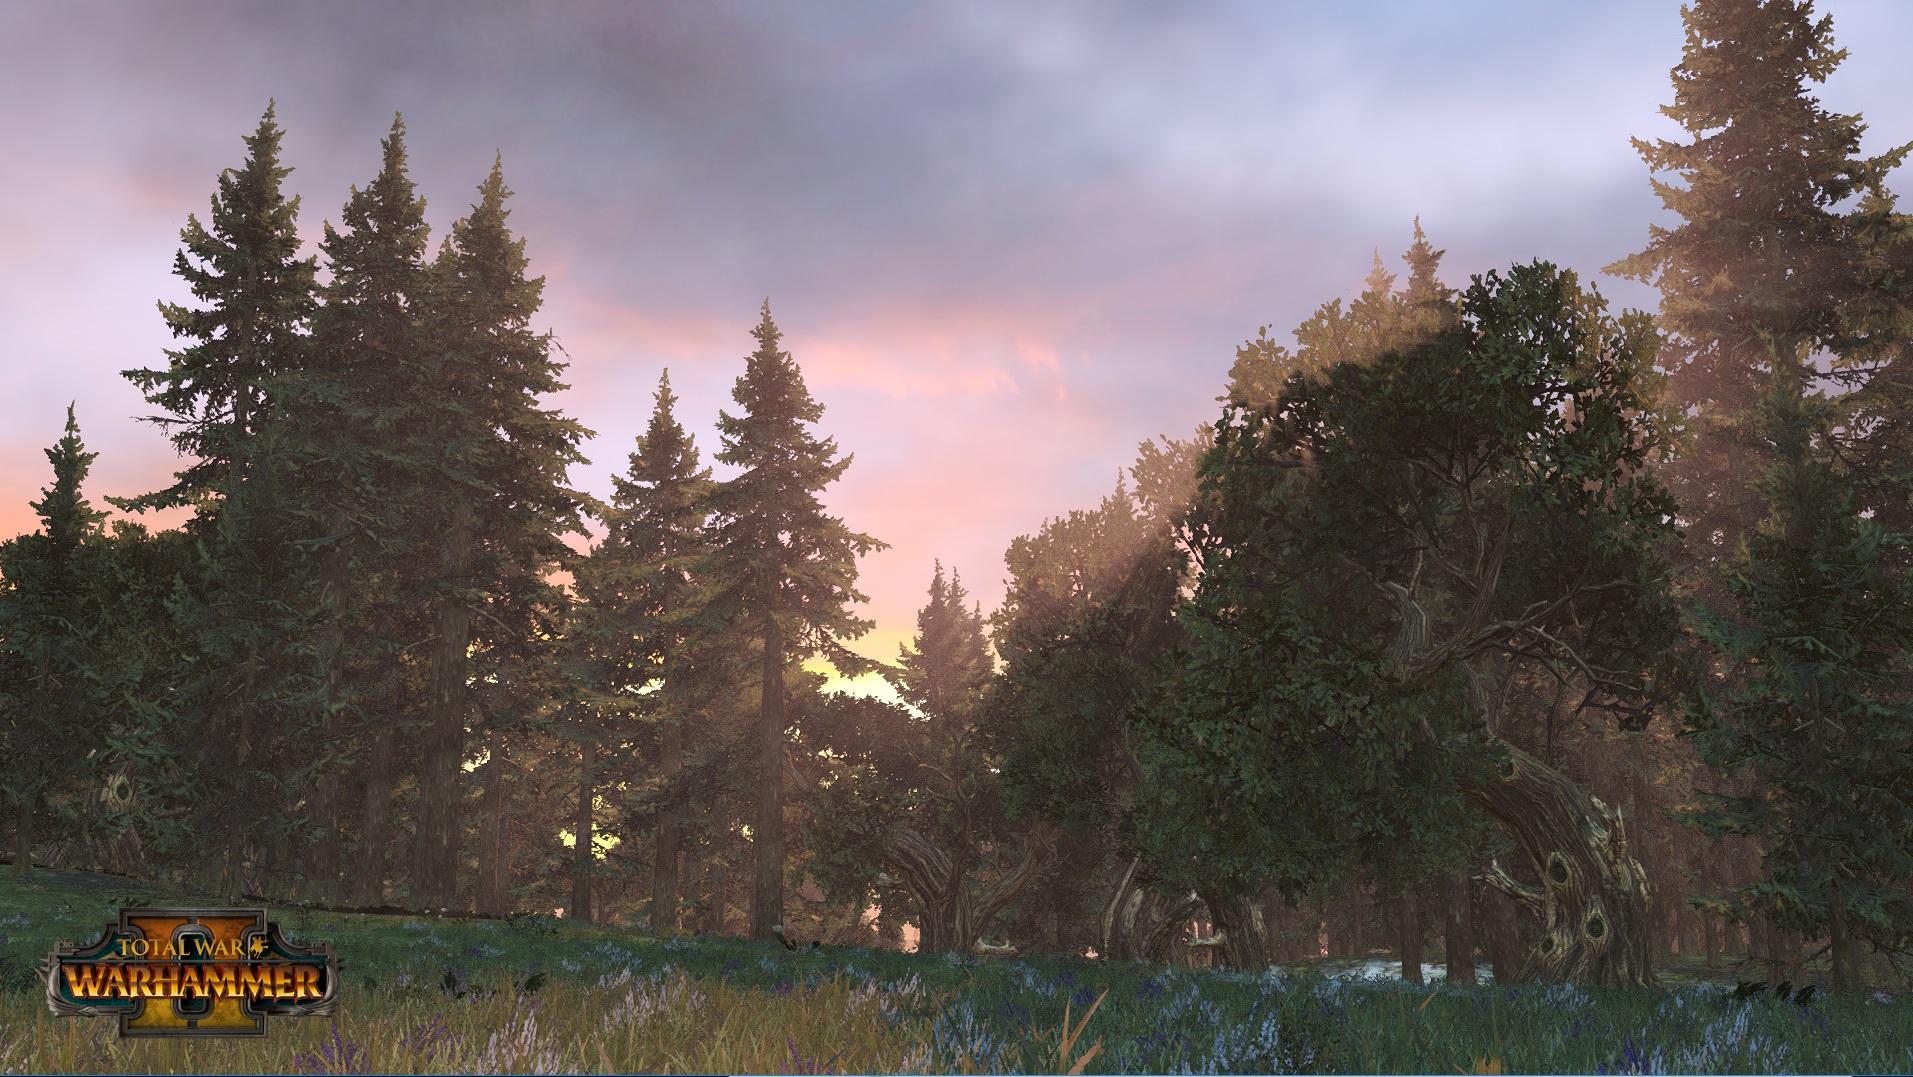 Total War: Warhammer II needs GTX 1070 for 1080p 60FPS